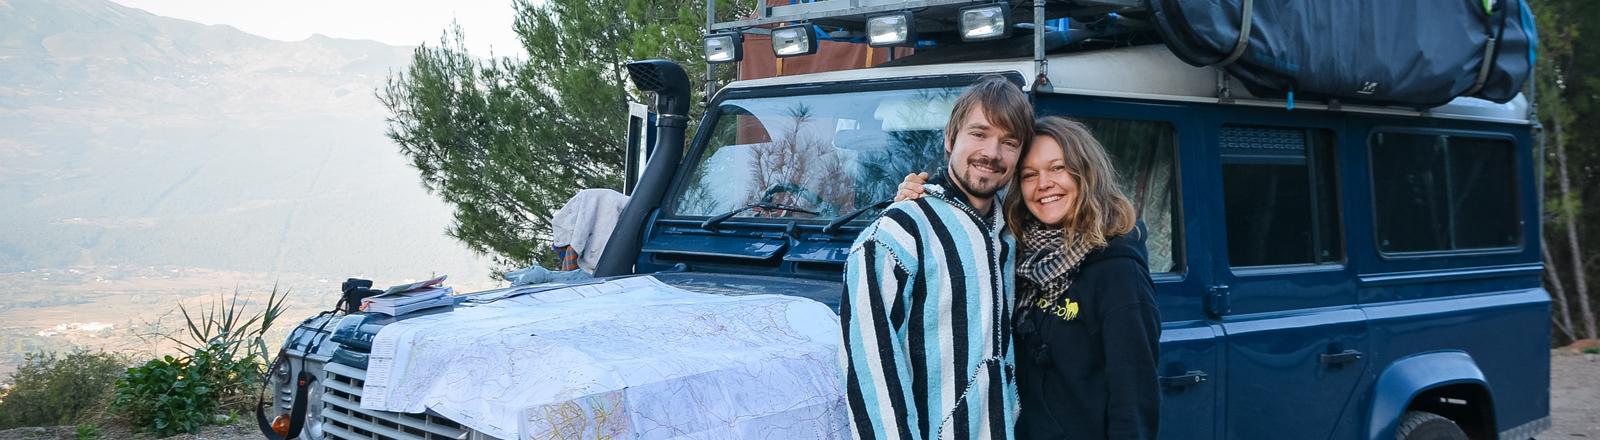 Ulrich Stirnat und Lena Wendt vor ihrem Jeep in Marokko